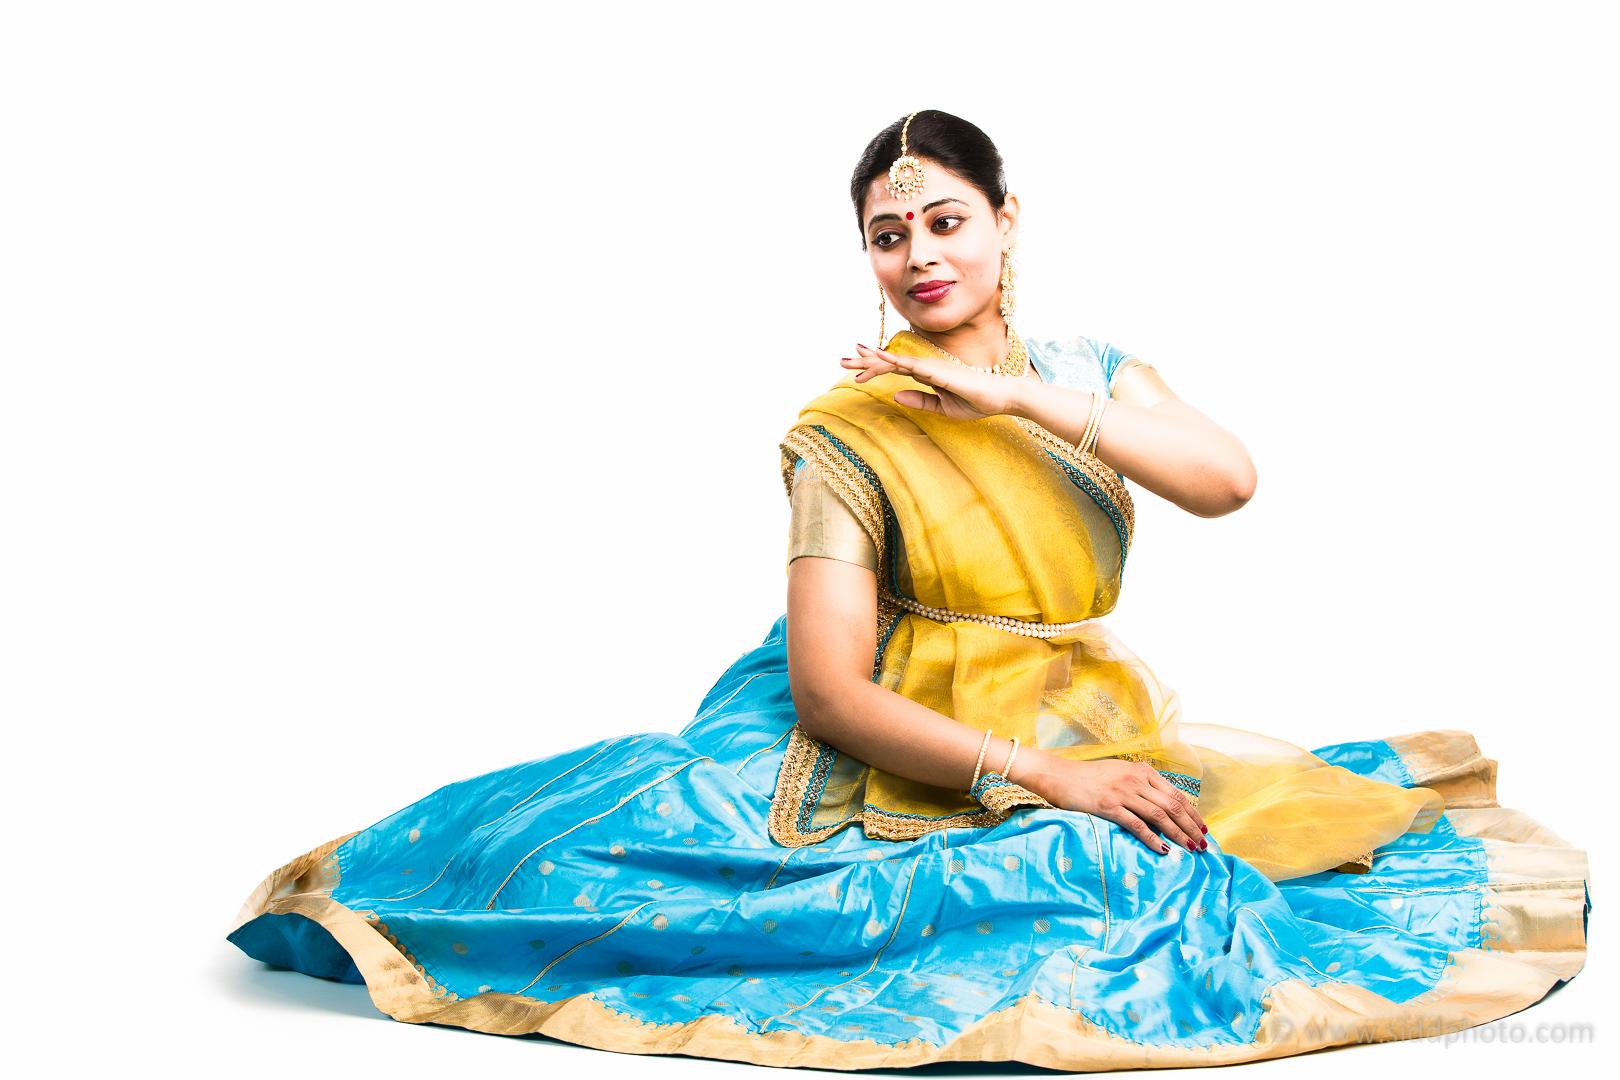 2012-04-21 - Antara Dutta Katthak Photoshoot - EO5C9684-01